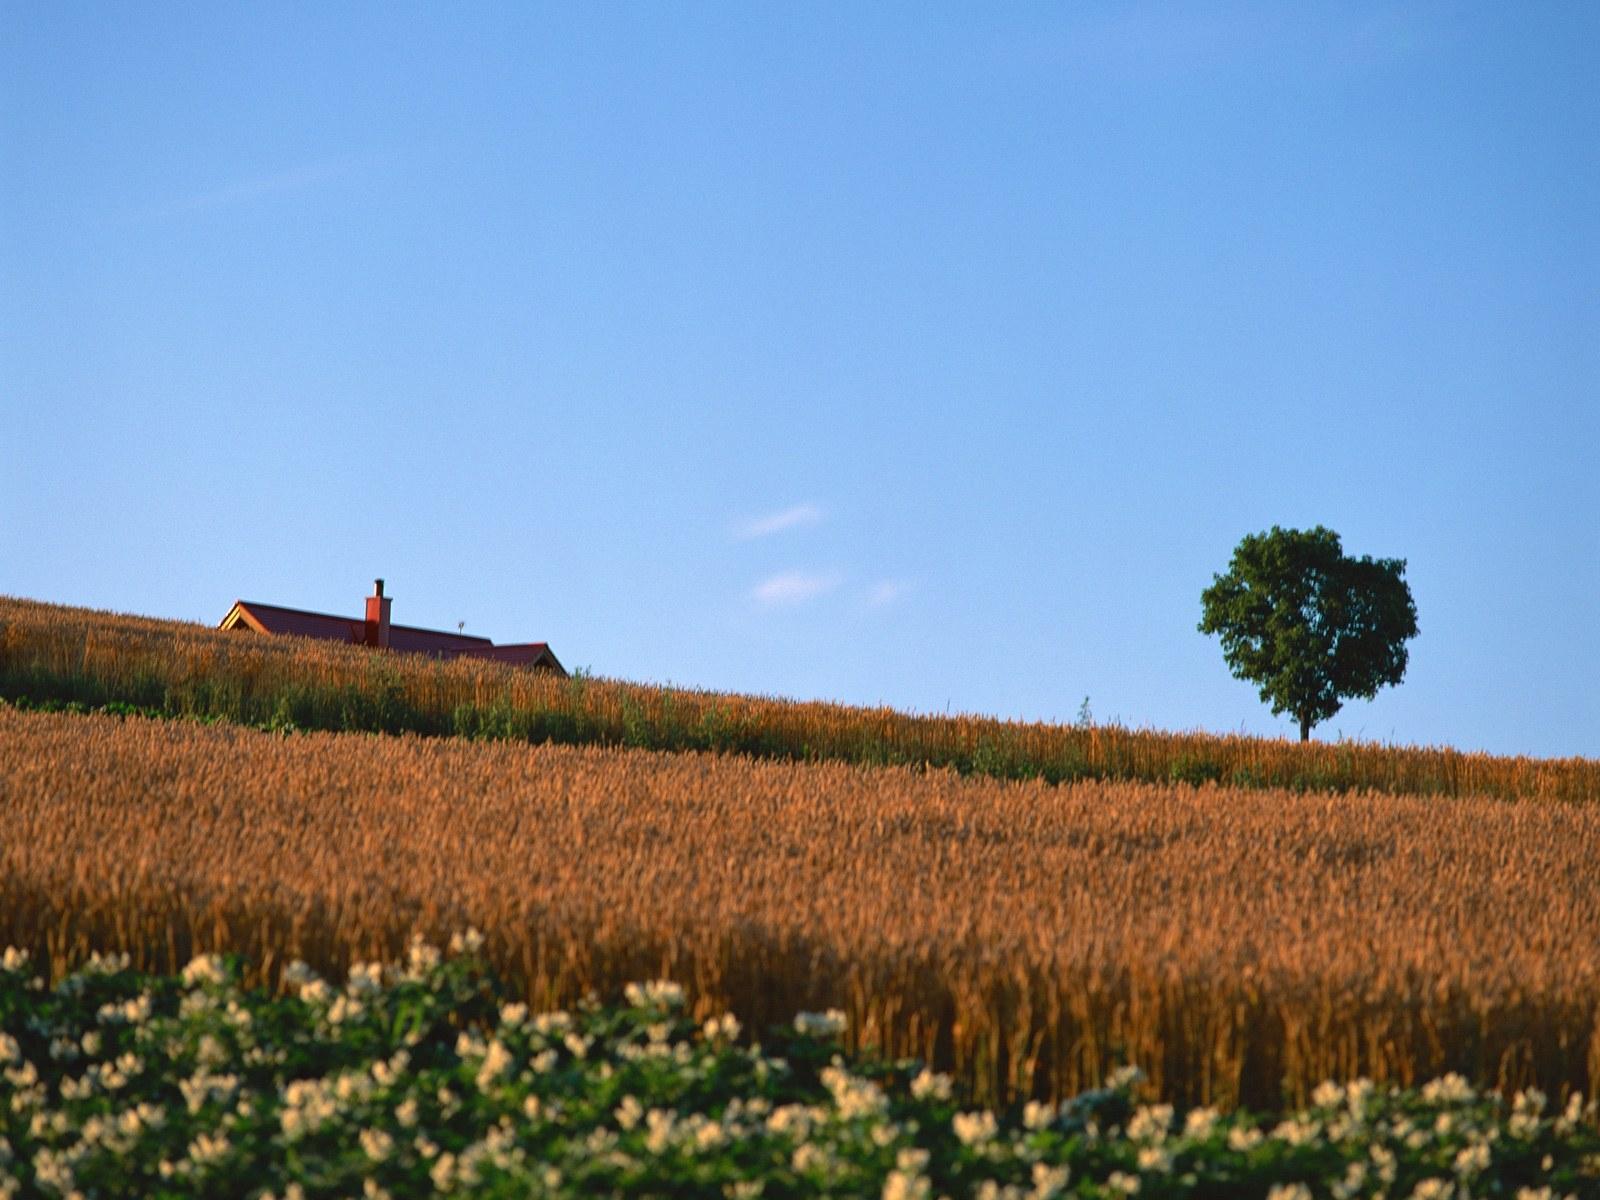 关于乡村风光的图画